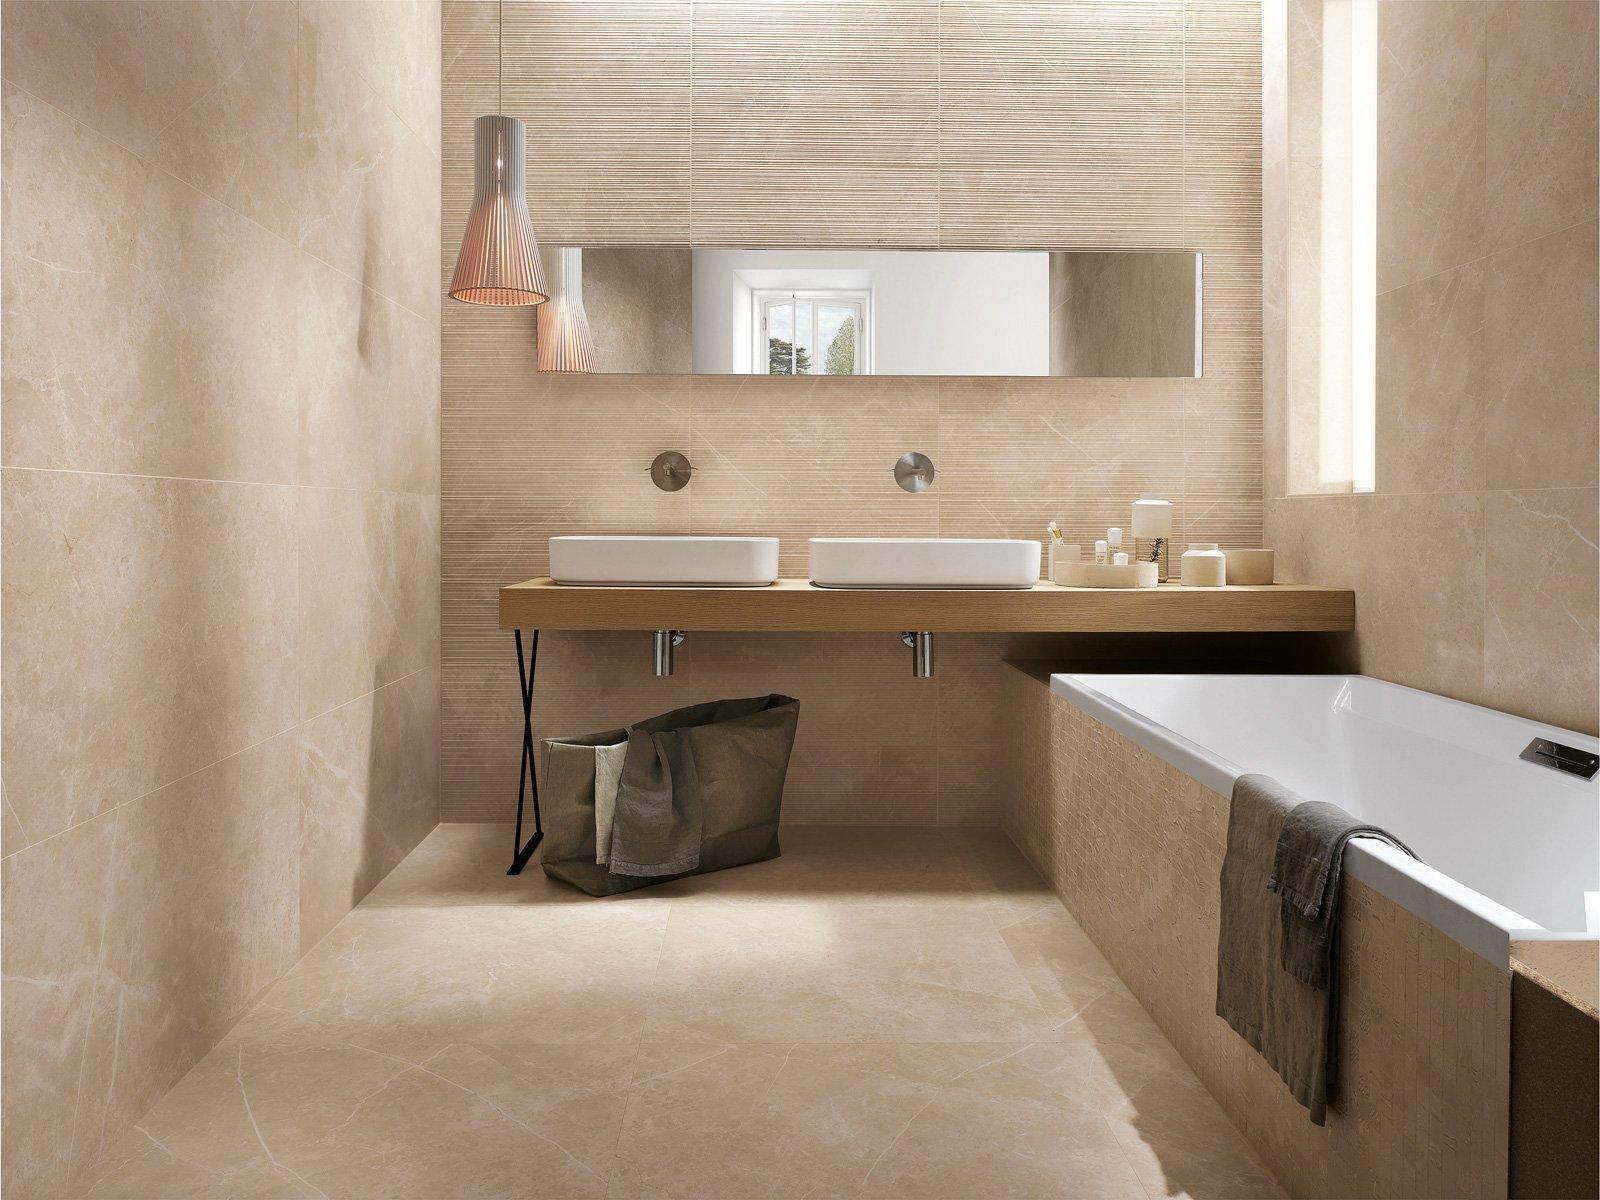 Piastrelle in gres scegliere il fascino eterno del marmo - Rivestimento bagno effetto marmo ...